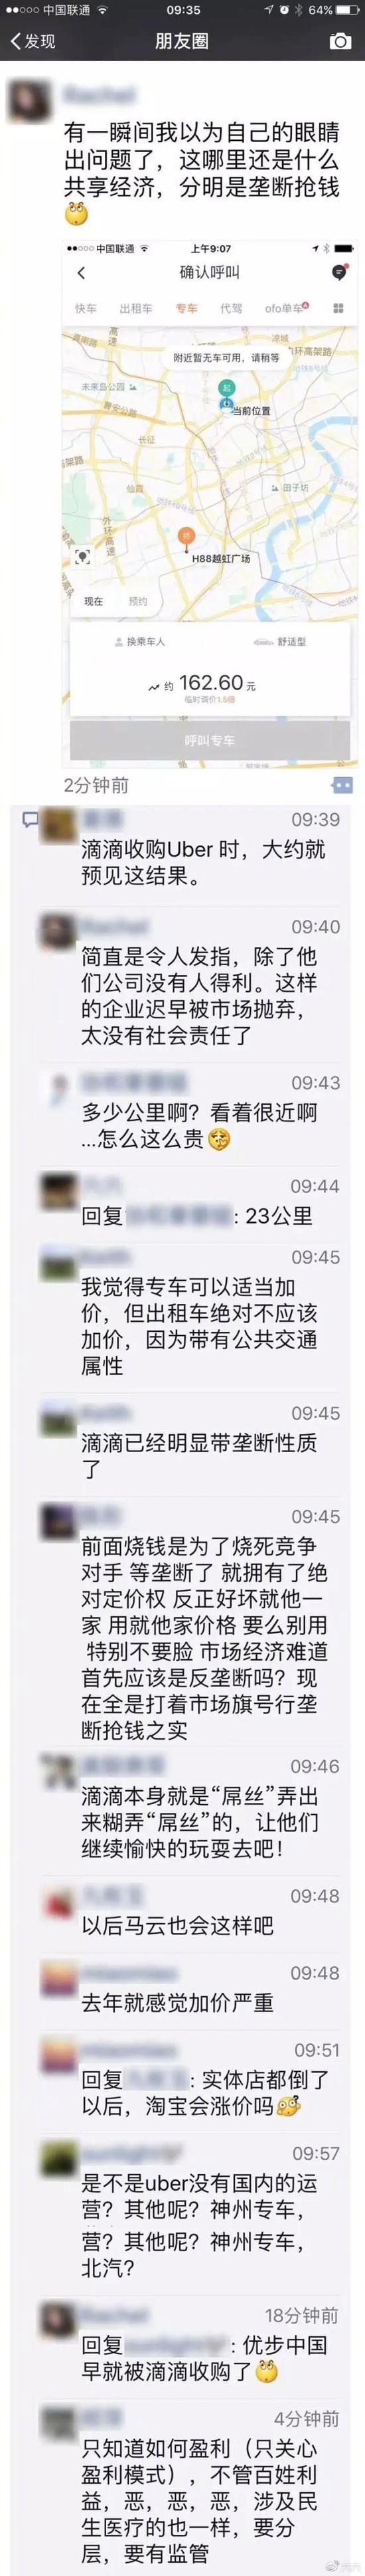 作家六六控诉滴滴搞垄断 还捎带上了程维柳青